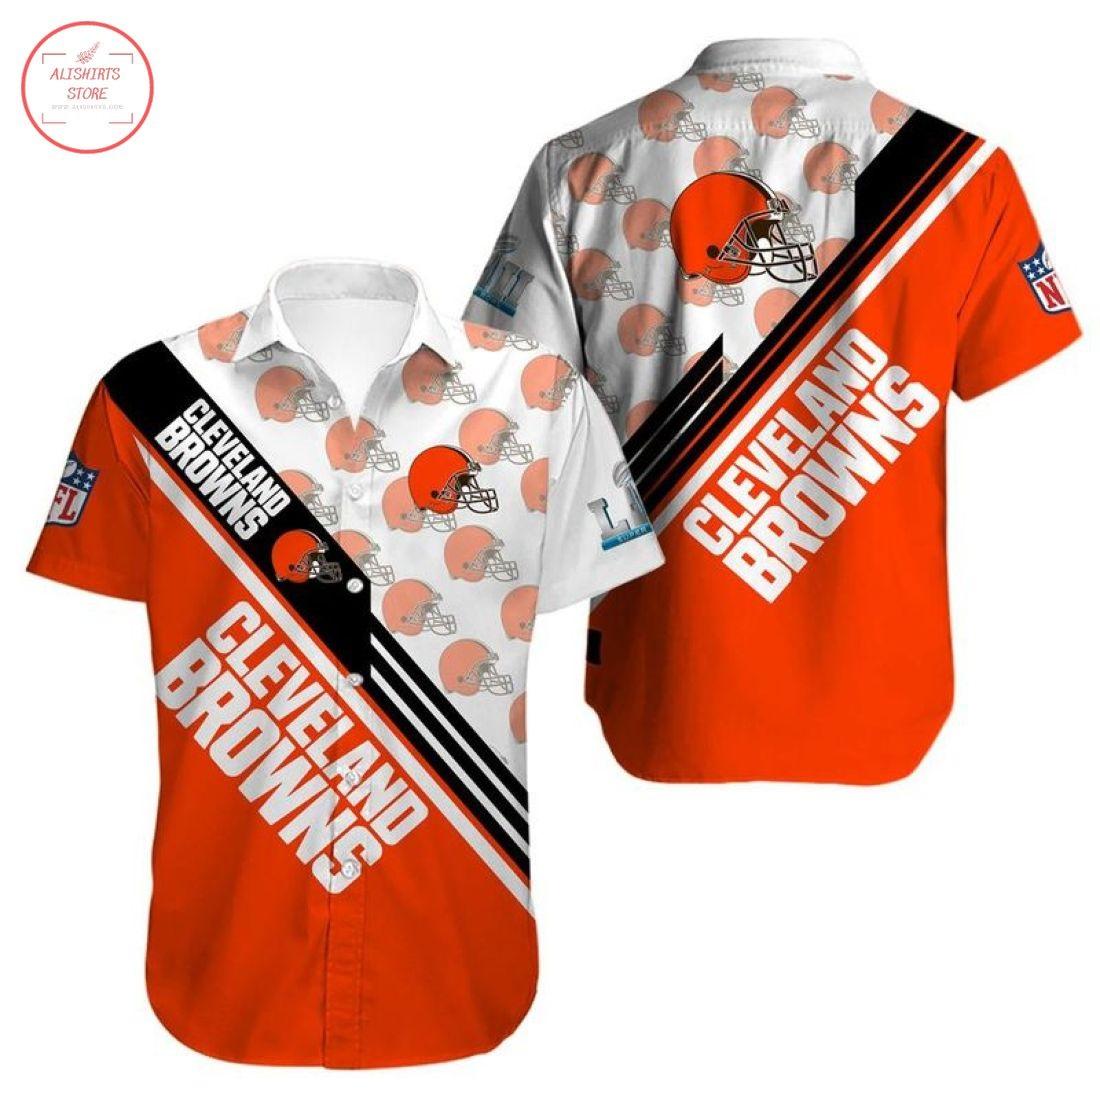 Nfl Cleveland Browns Hawaiian shirt